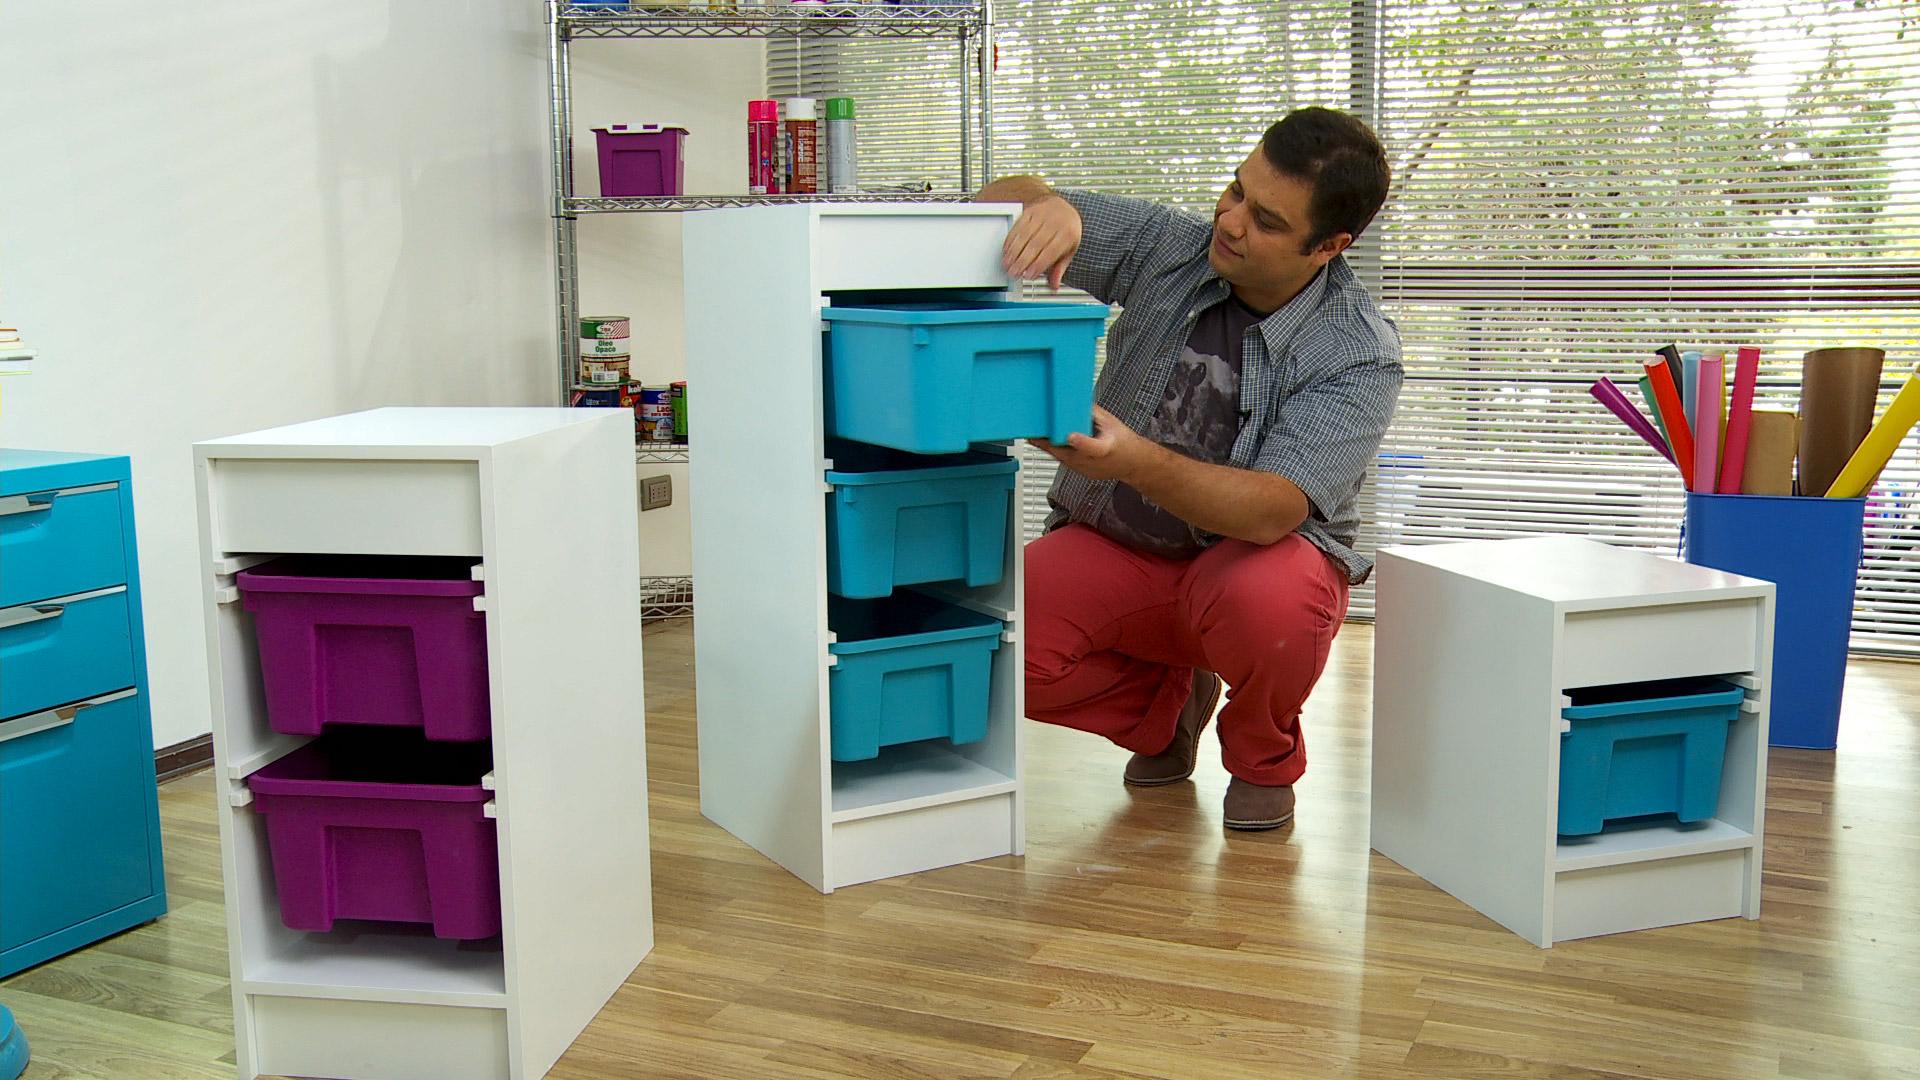 Hágalo Usted Mismo ¿Cómo hacer un estante con cajas plásticas? #0E99B5 1920x1080